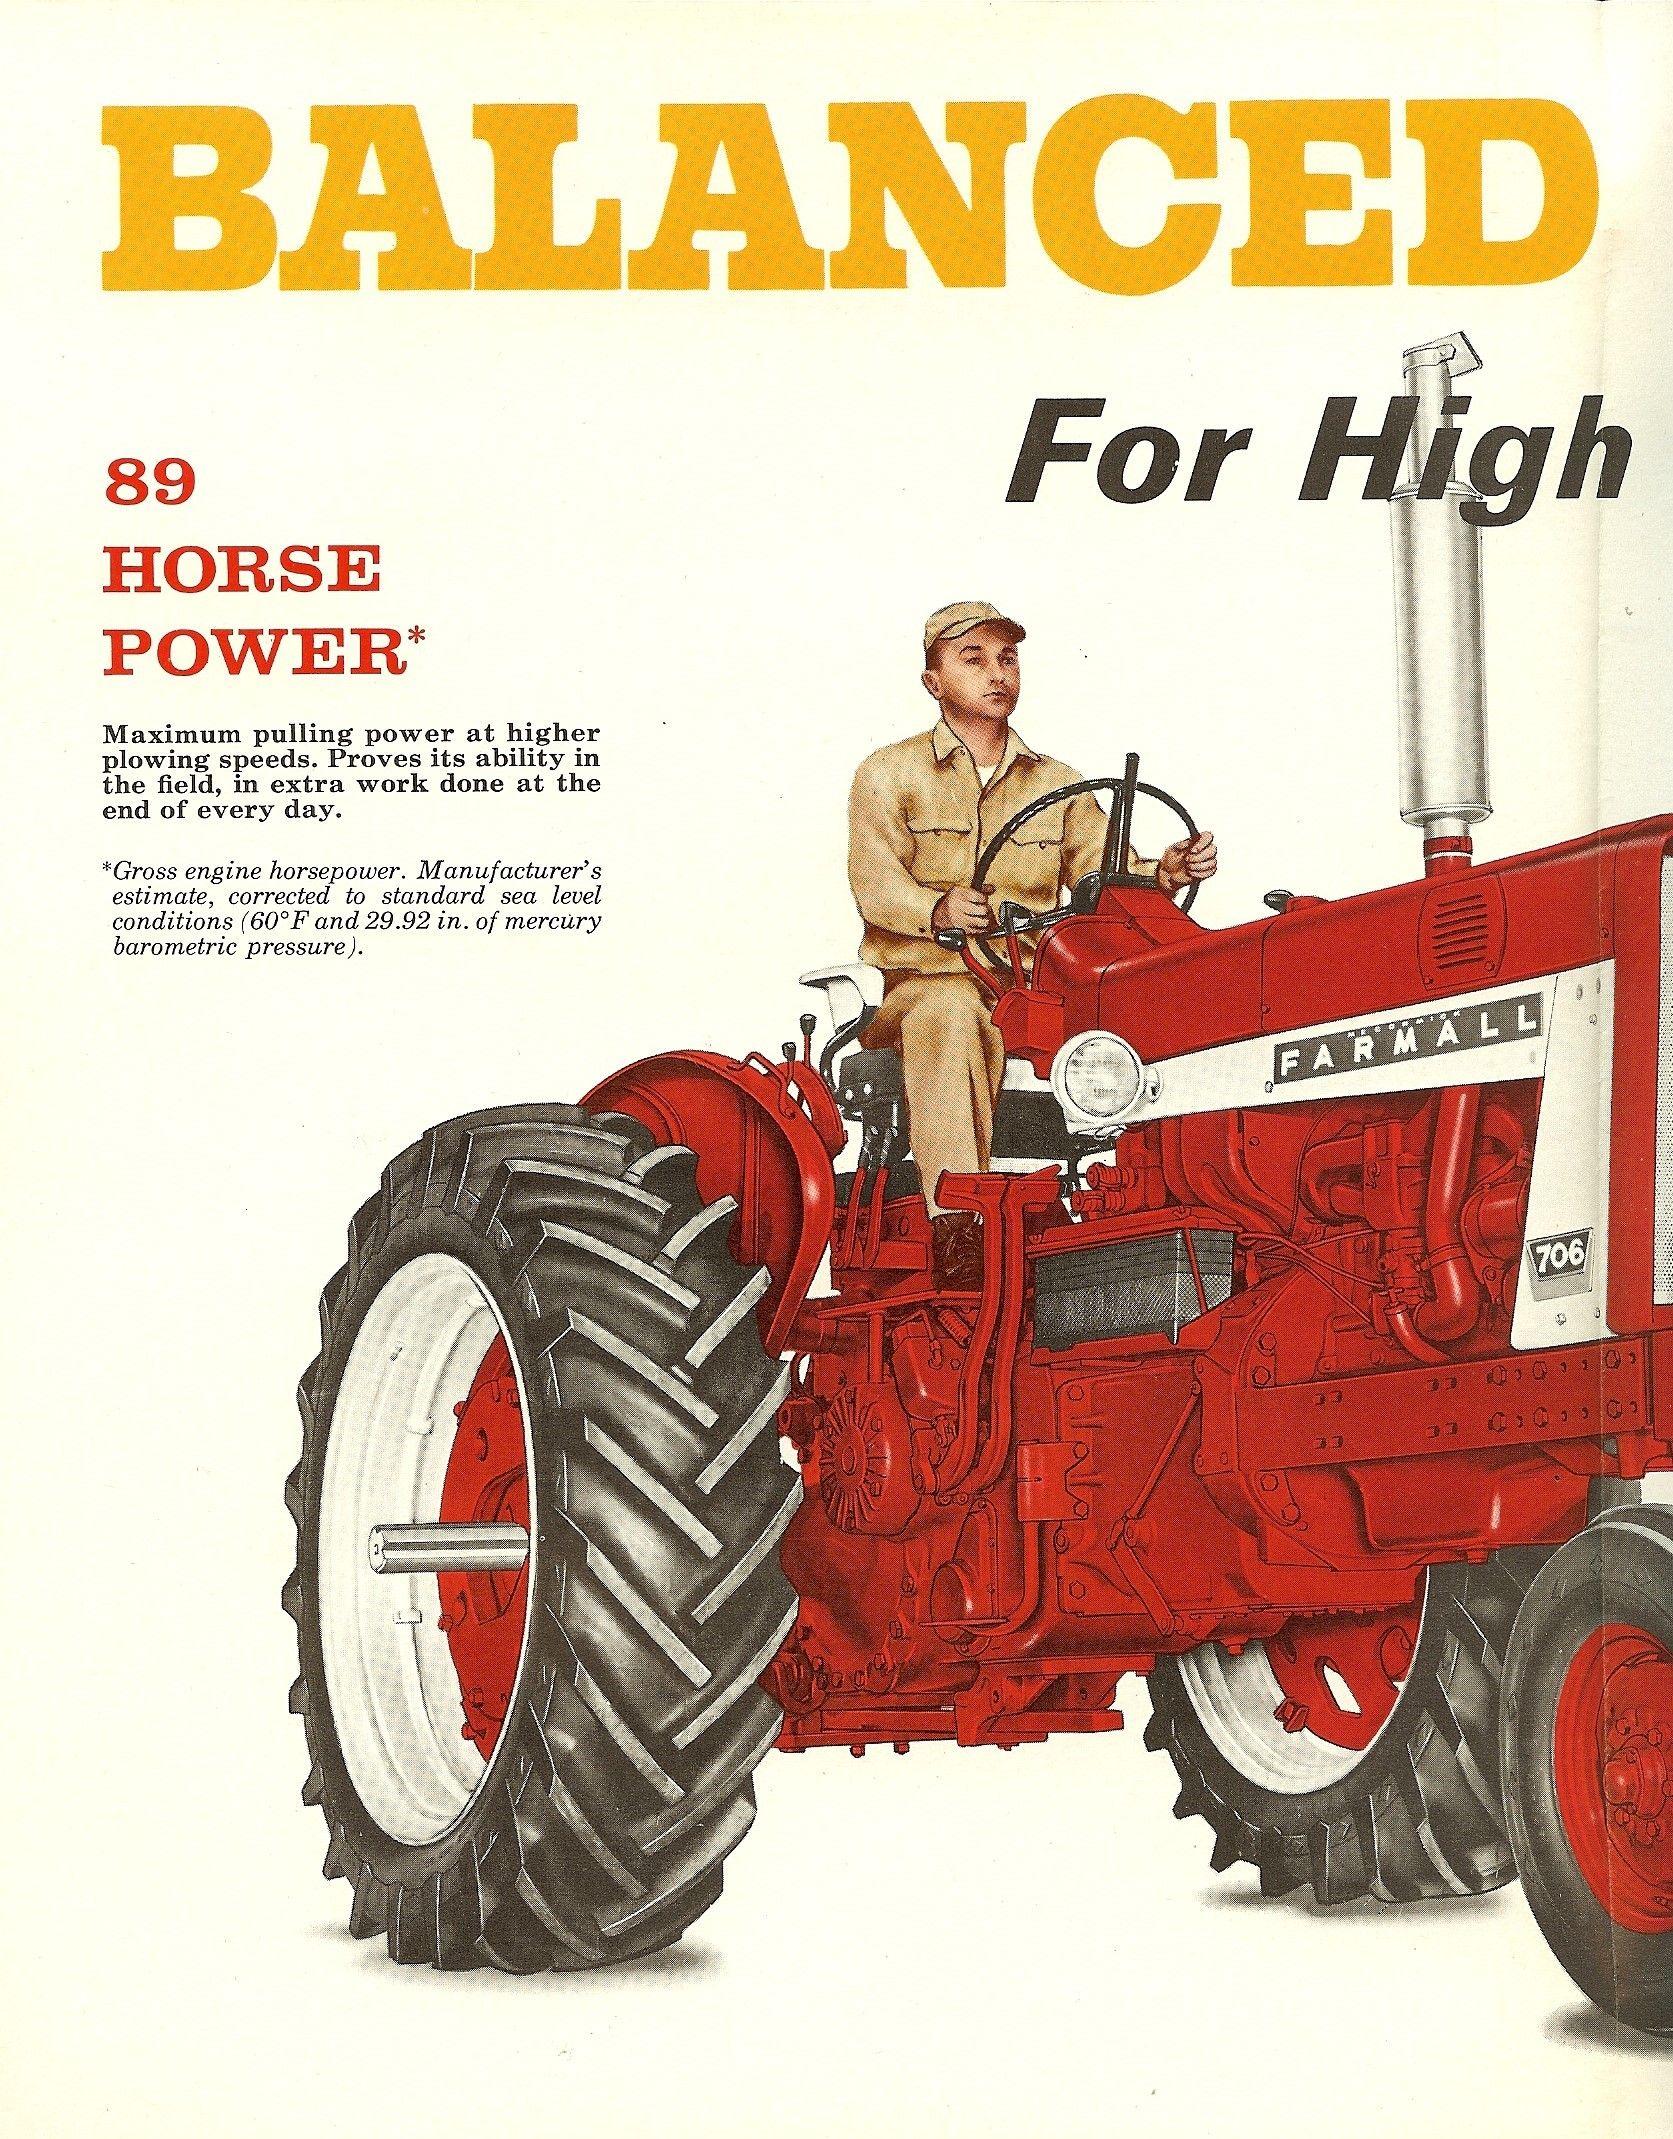 1963 Farmall 706 Farmall International Tractors Farmall Tractors